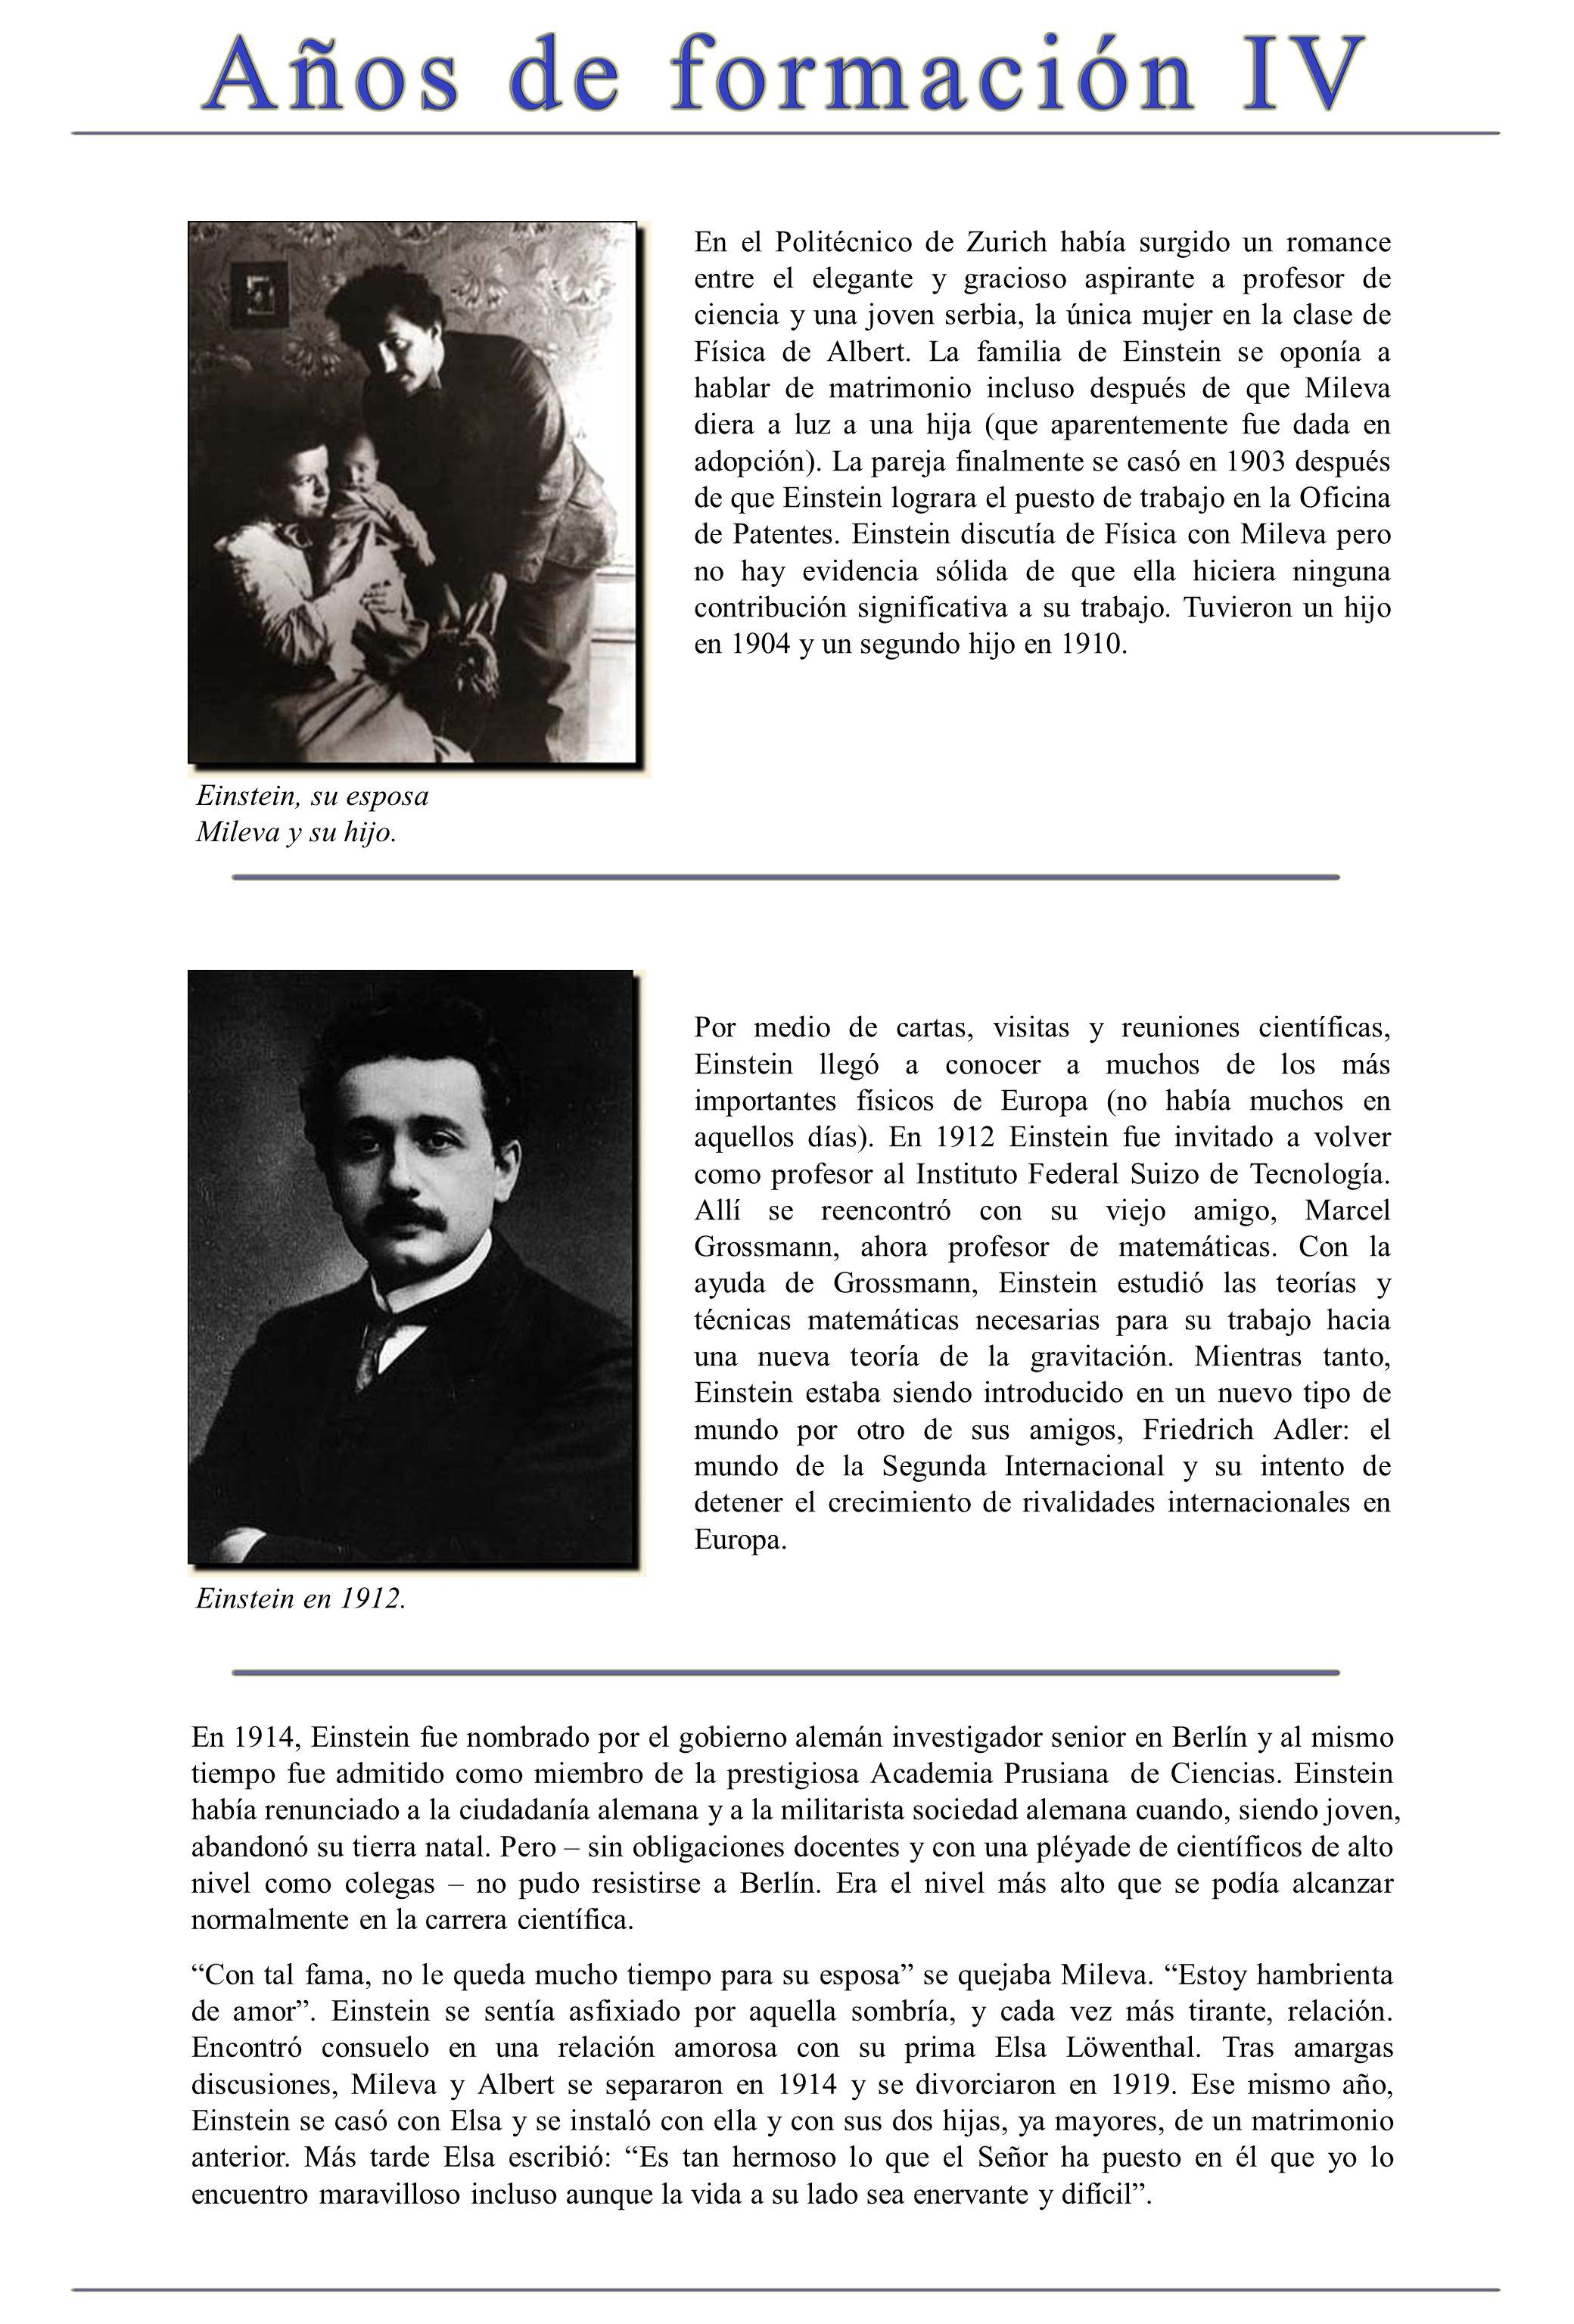 En el Politécnico de Zurich había surgido un romance entre el elegante y gracioso aspirante a profesor de ciencia y una joven serbia, la única mujer en la clase de Física de Albert. La familia de Einstein se oponía a hablar de matrimonio incluso después de que Mileva diera a luz a una hija (que aparentemente fue dada en adopción). La pareja finalmente se casó en 1903 después de que Einstein lograra el puesto de trabajo en la Oficina de Patentes. Einstein discutía de Física con Mileva pero no hay evidencia sólida de que ella hiciera ninguna contribución significativa a su trabajo. Tuvieron un hijo en 1904 y un segundo hijo en 1910.